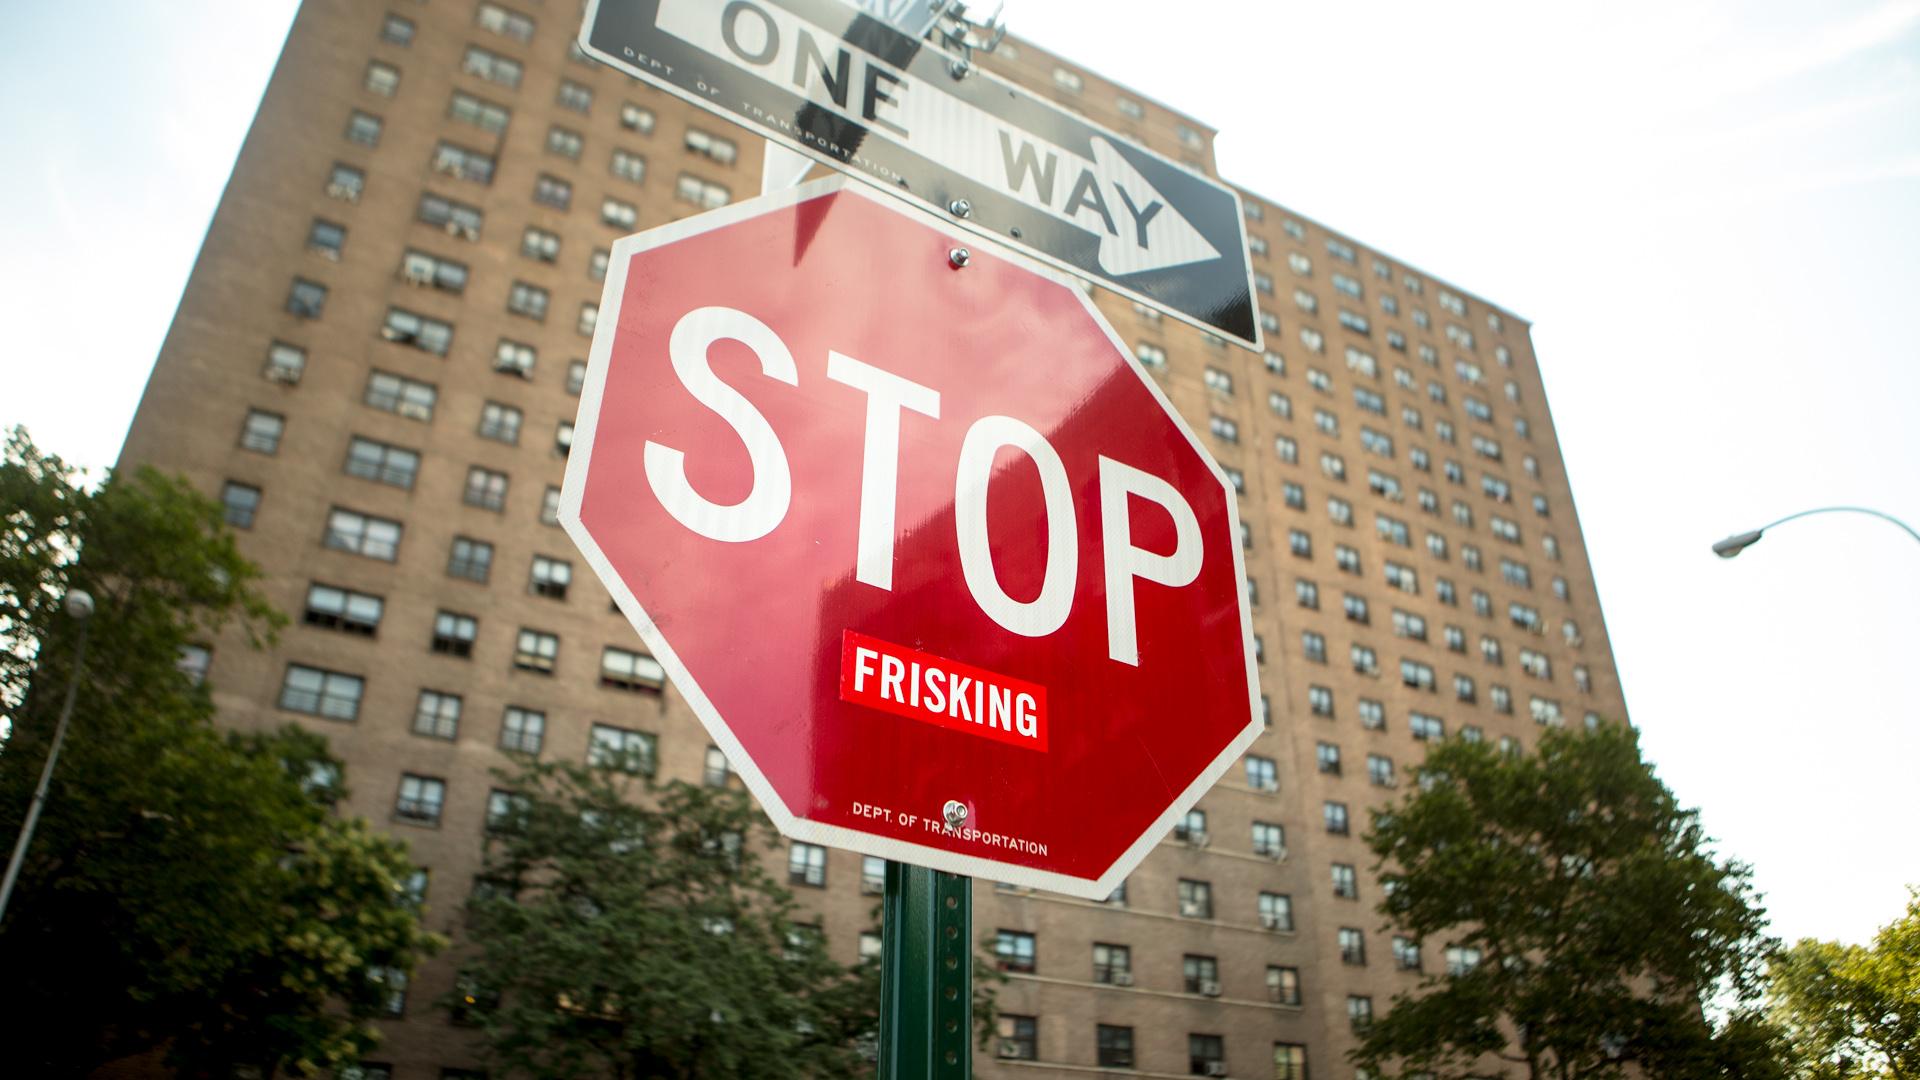 stopfrisk-9437.jpg